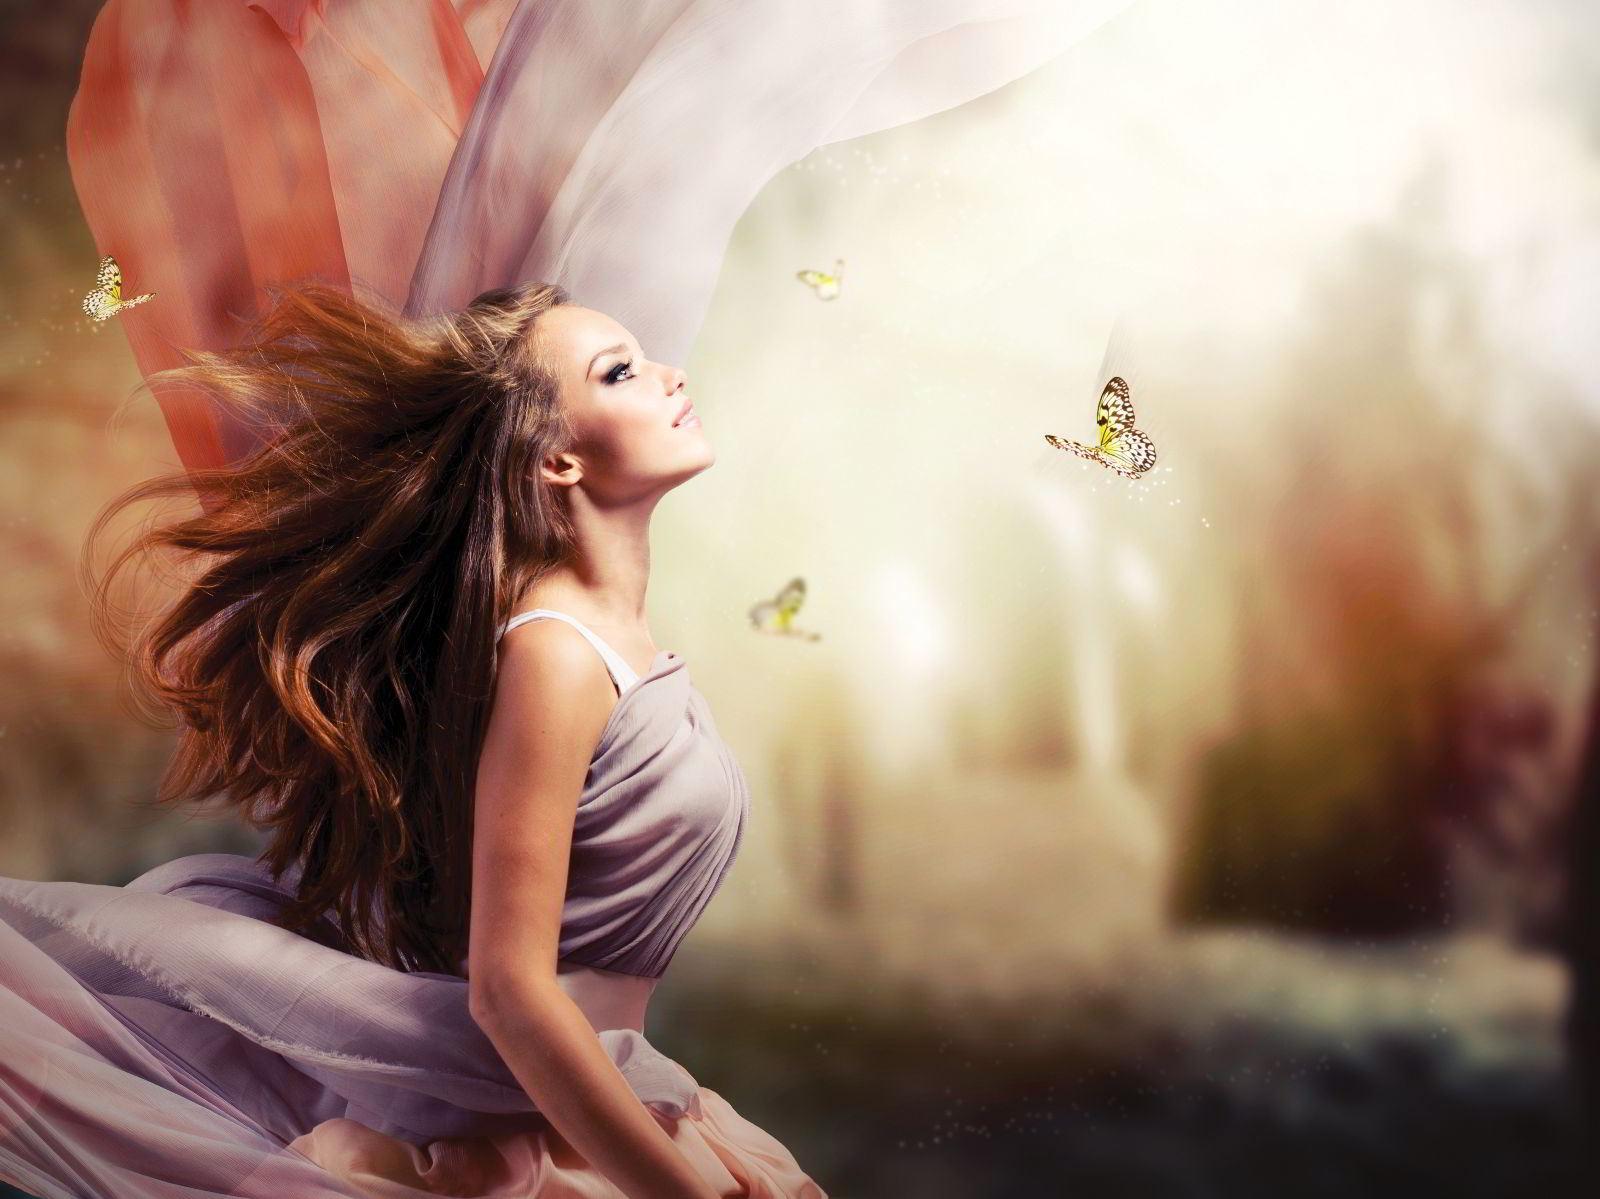 Princesa en un jardín de fantasía con na mariposa